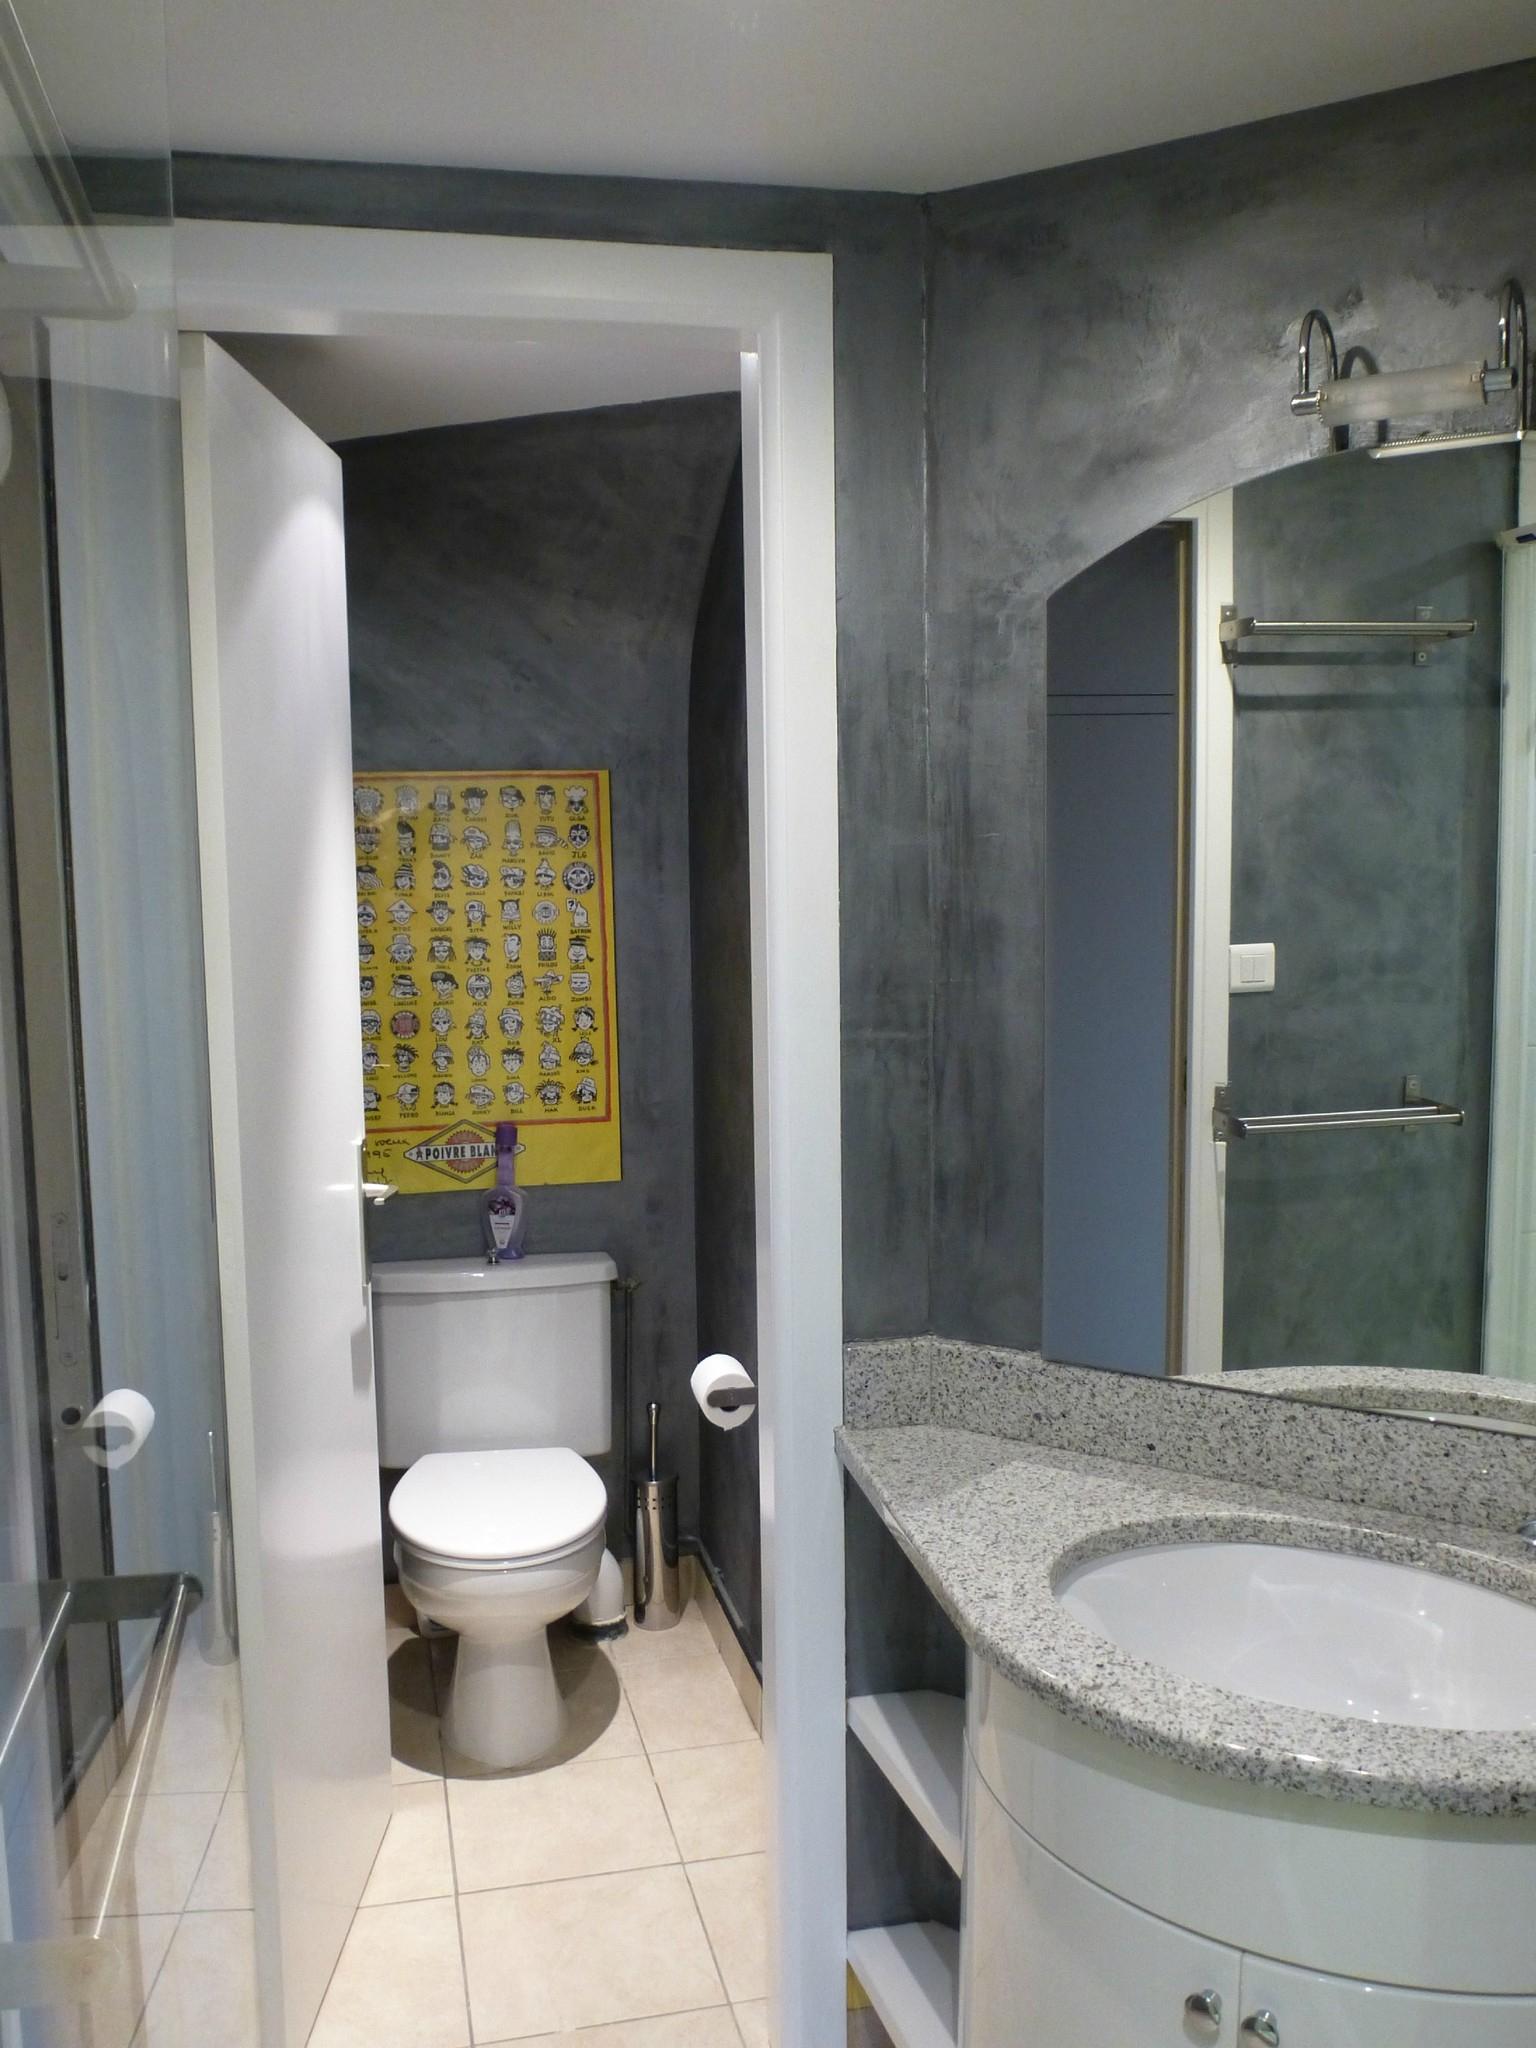 Plan Salle De Bain 5m2 Nouveau Images Plan Salle De Bain 5m2 Nouveauemejing Salle De Bain Baignoire Wc S